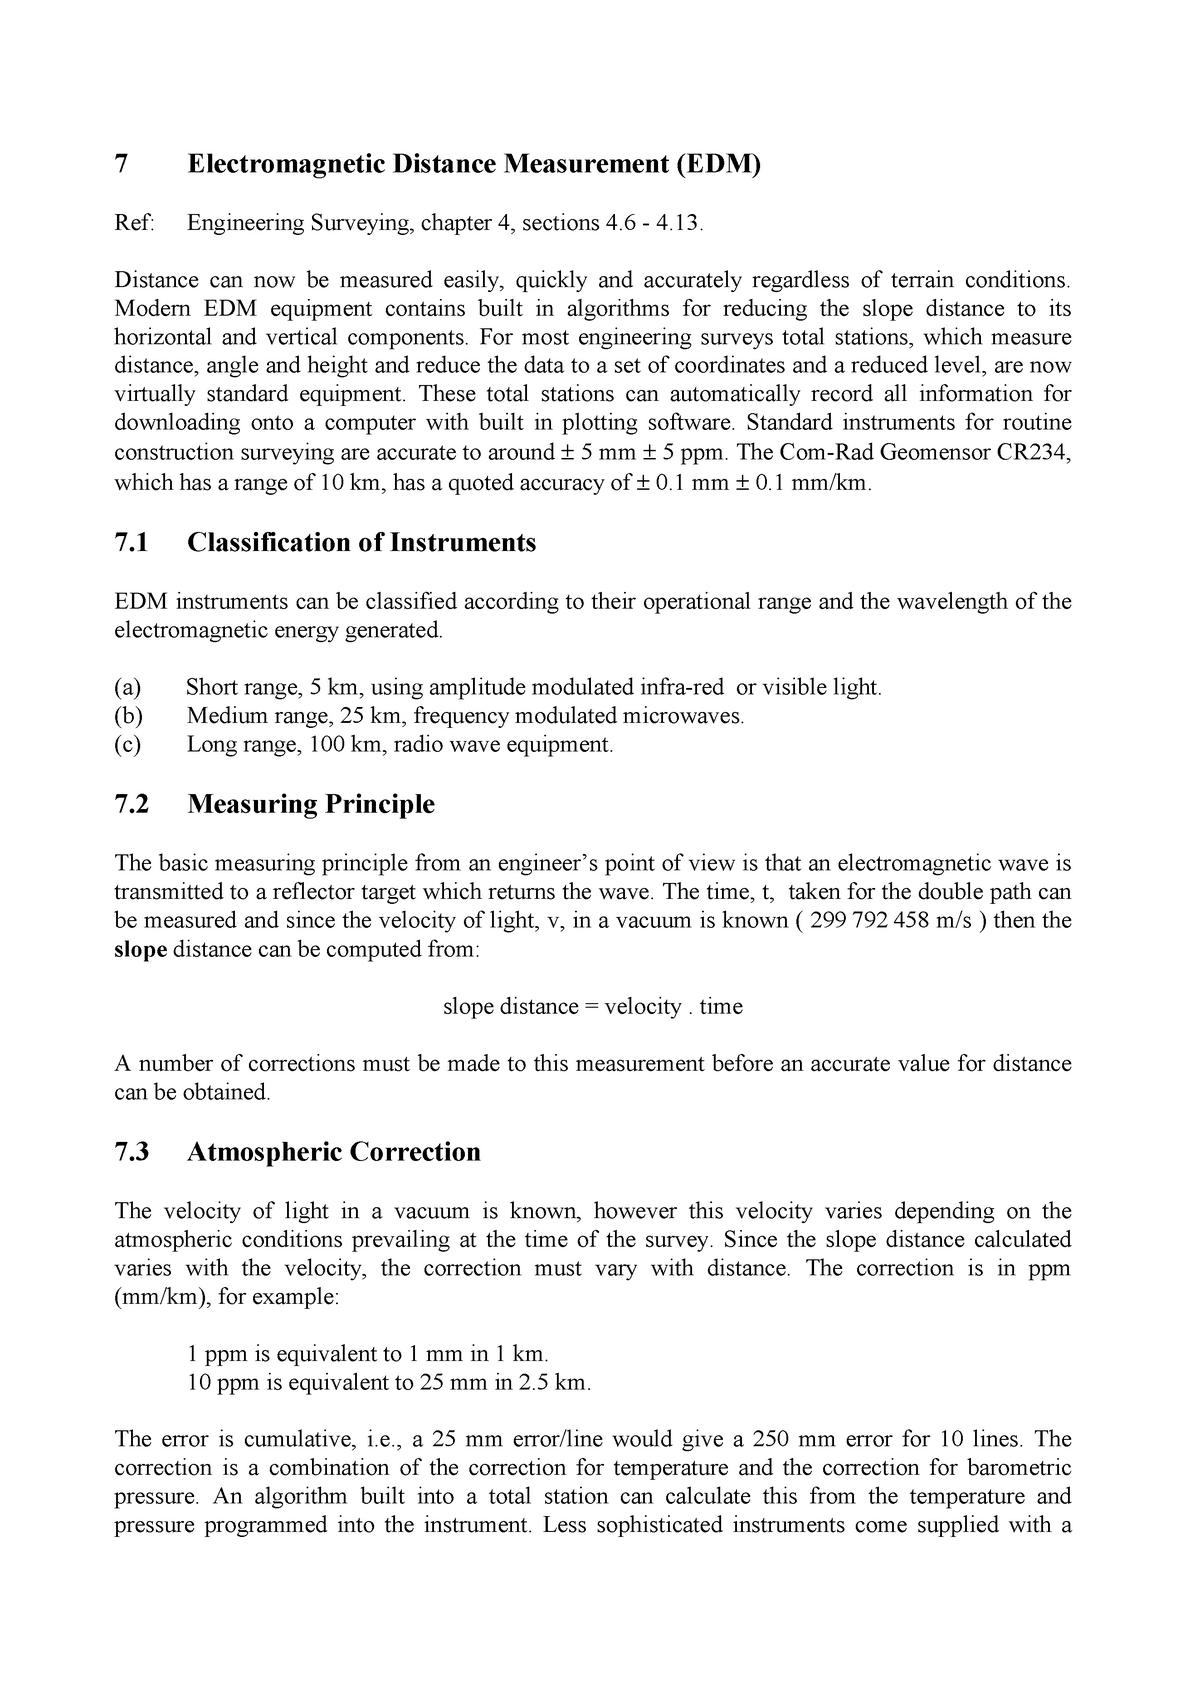 EDM electomagnetic distance measurement - CIVL272 Surveying